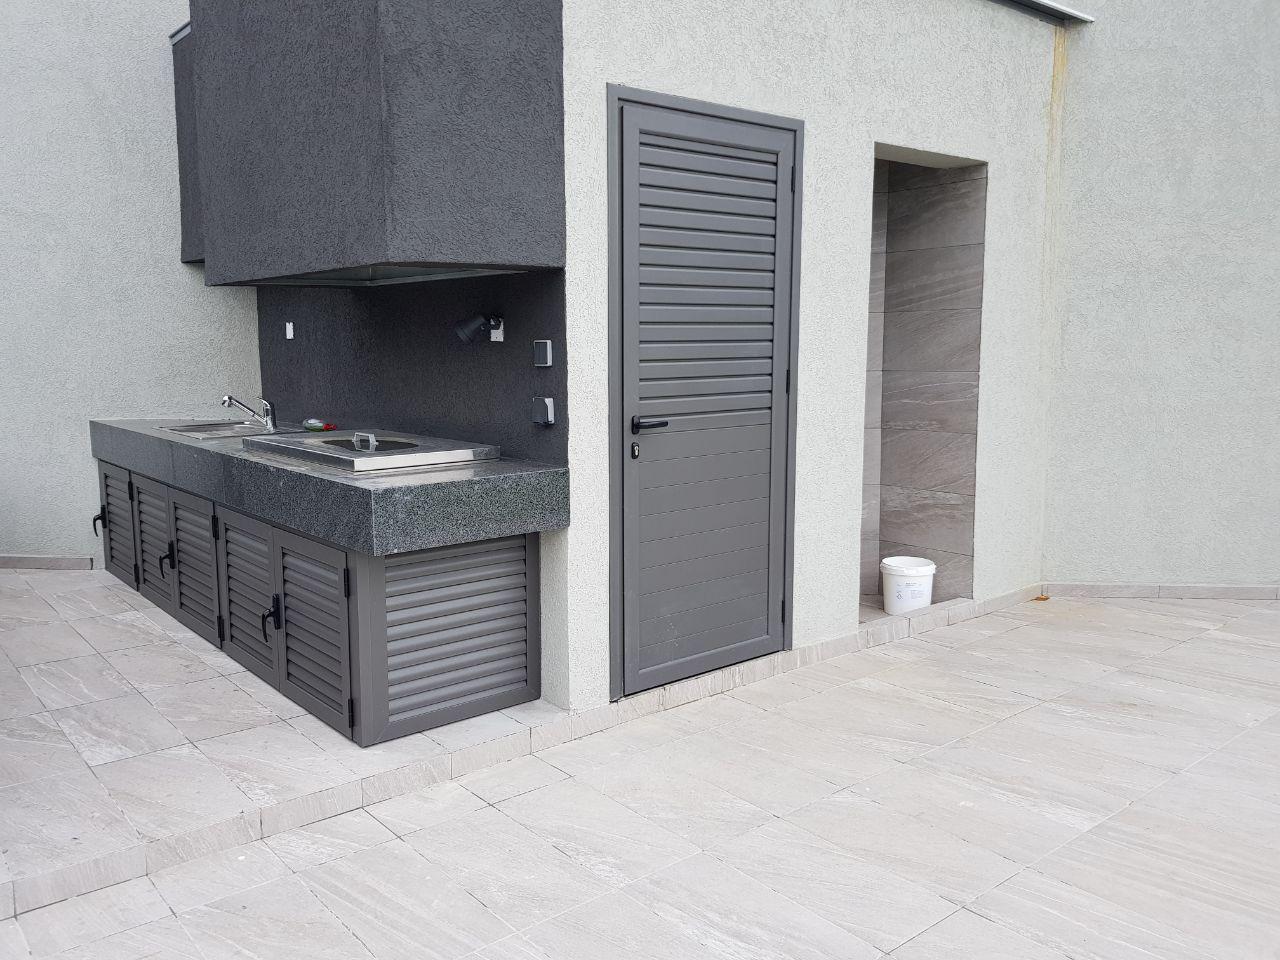 Barbeque & Storage door